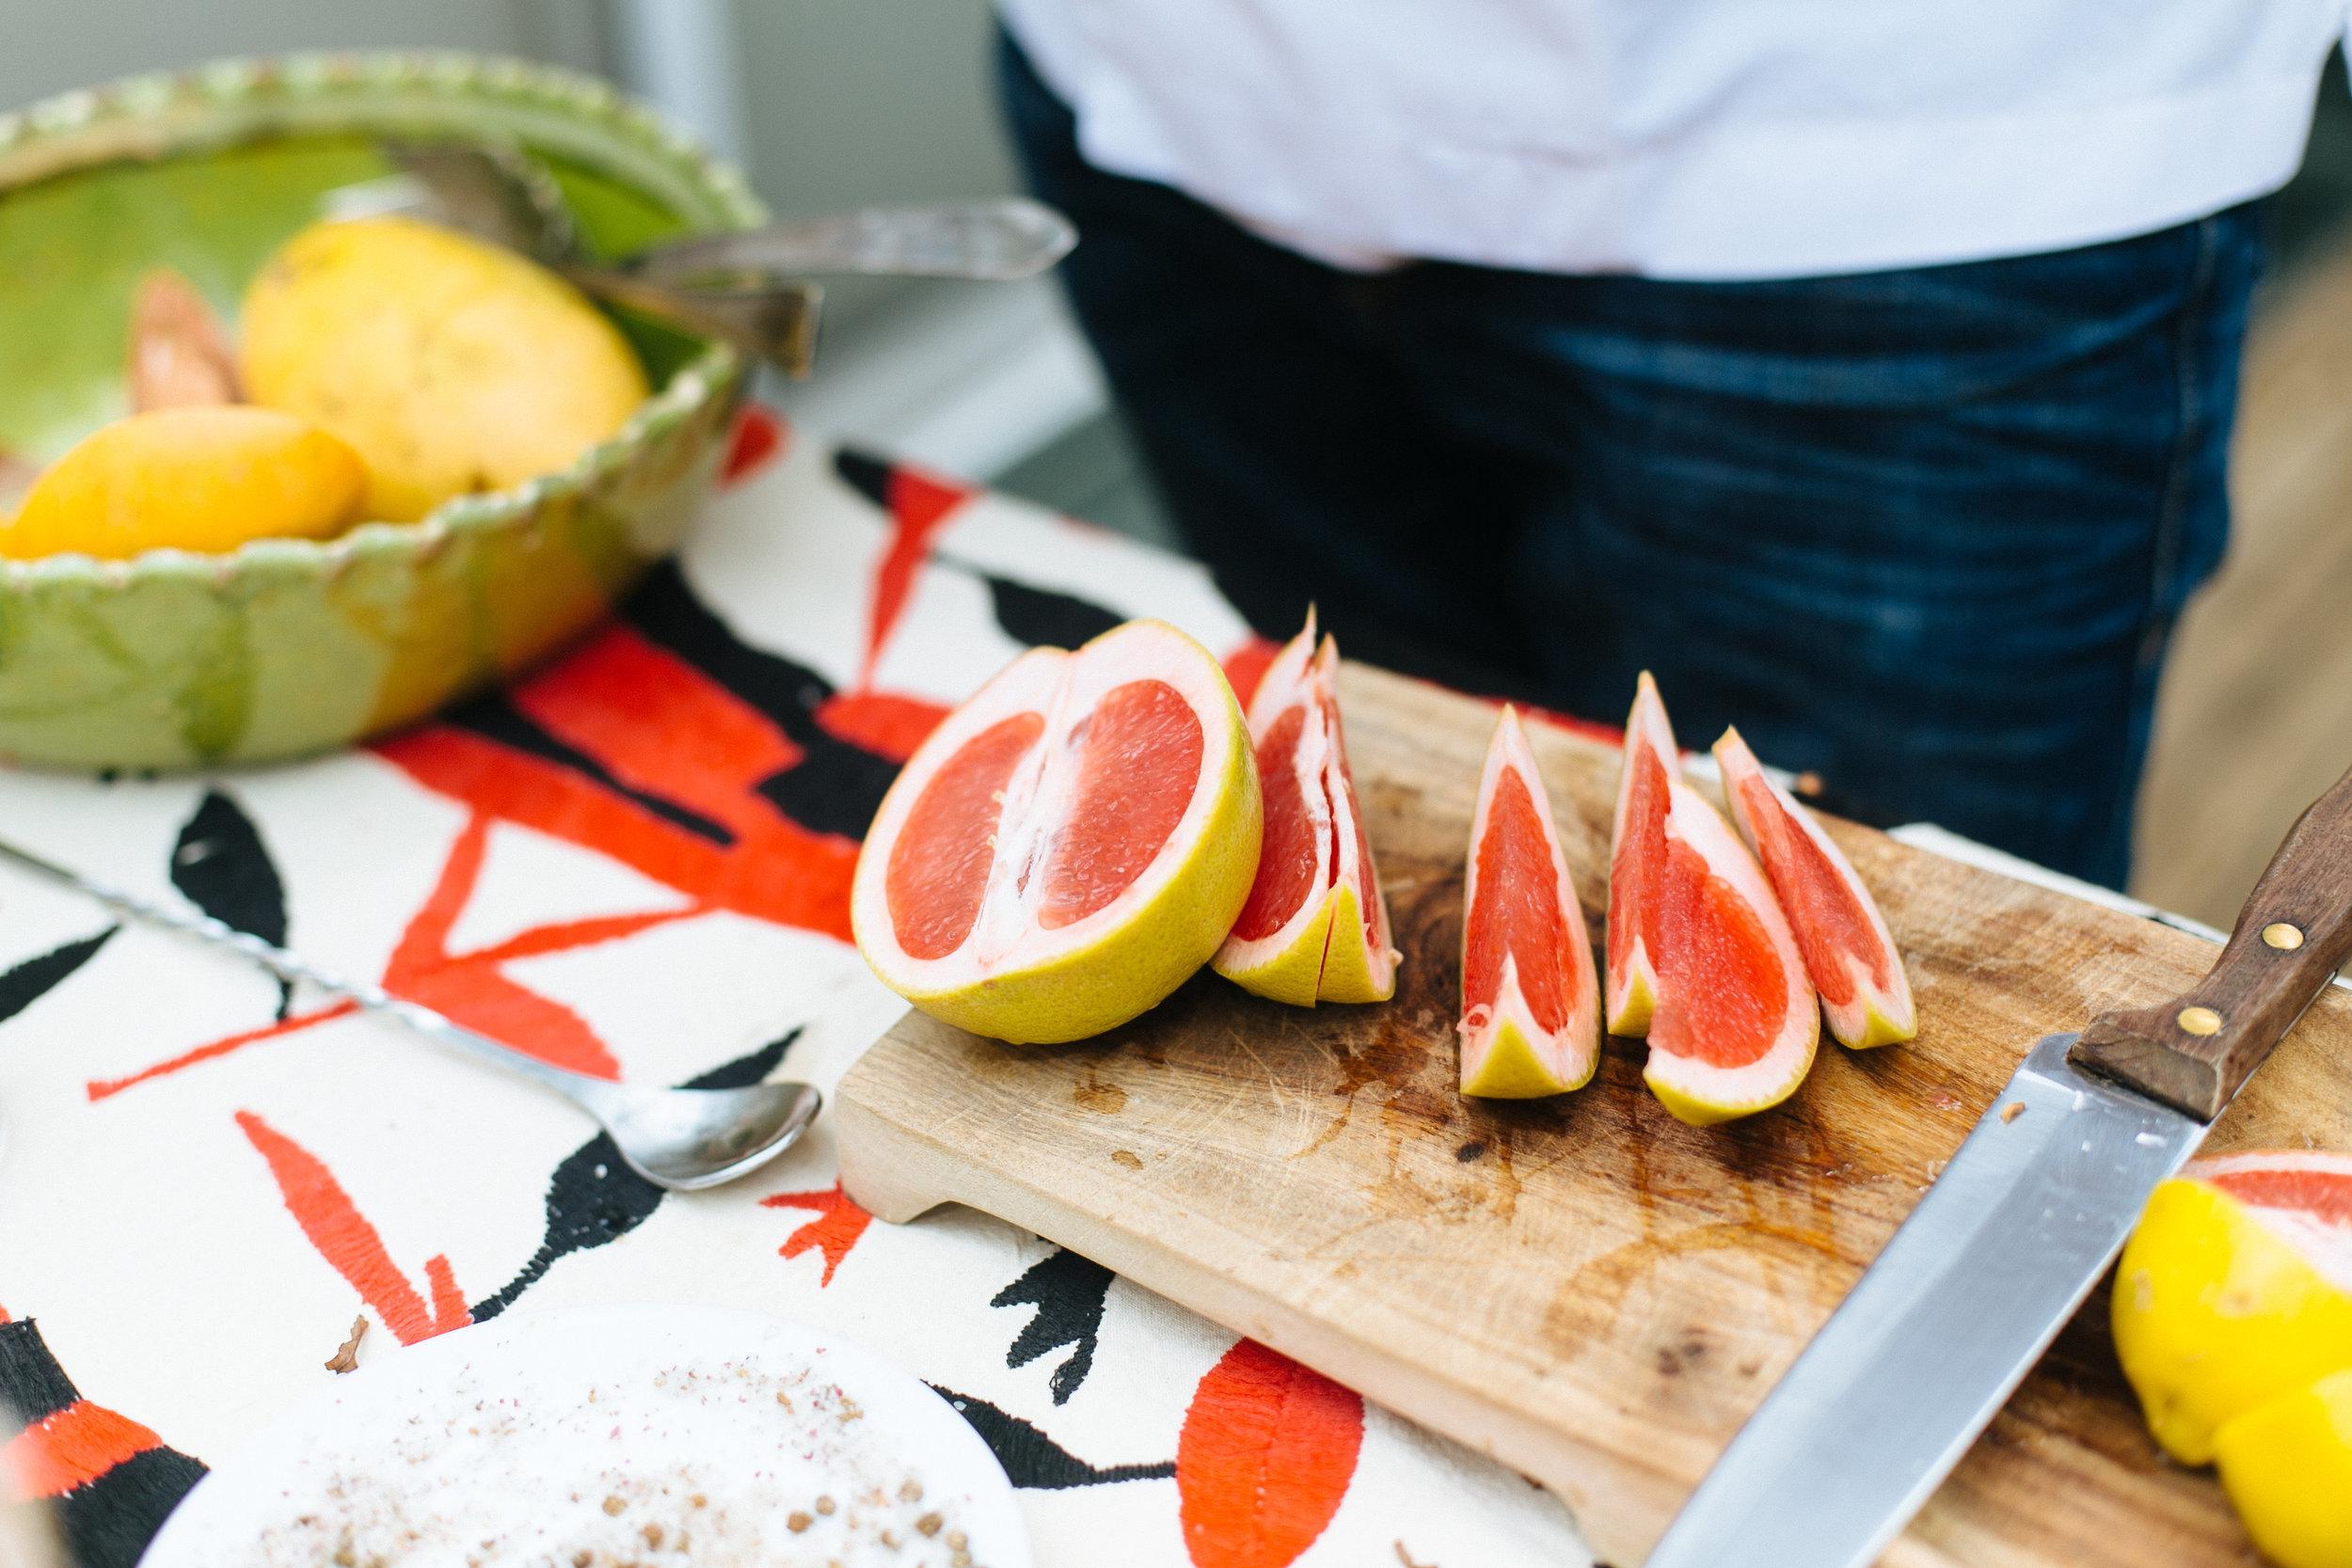 Sliced oranges for cocktails.